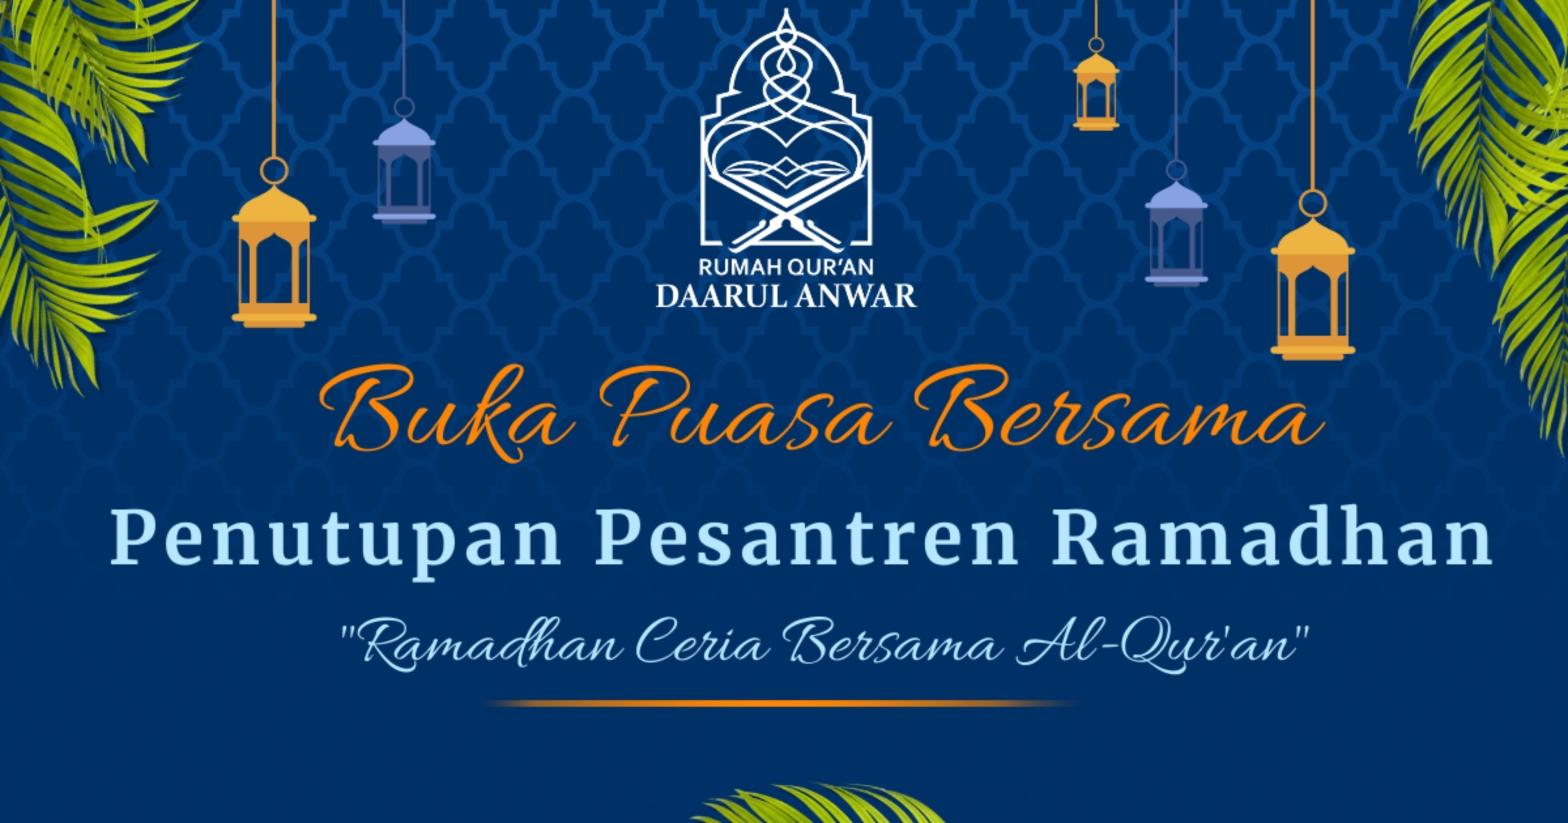 spanduk buka puasa bersama penutupan pesantren ramadhan Rumah Qur'an Daarul Anwar